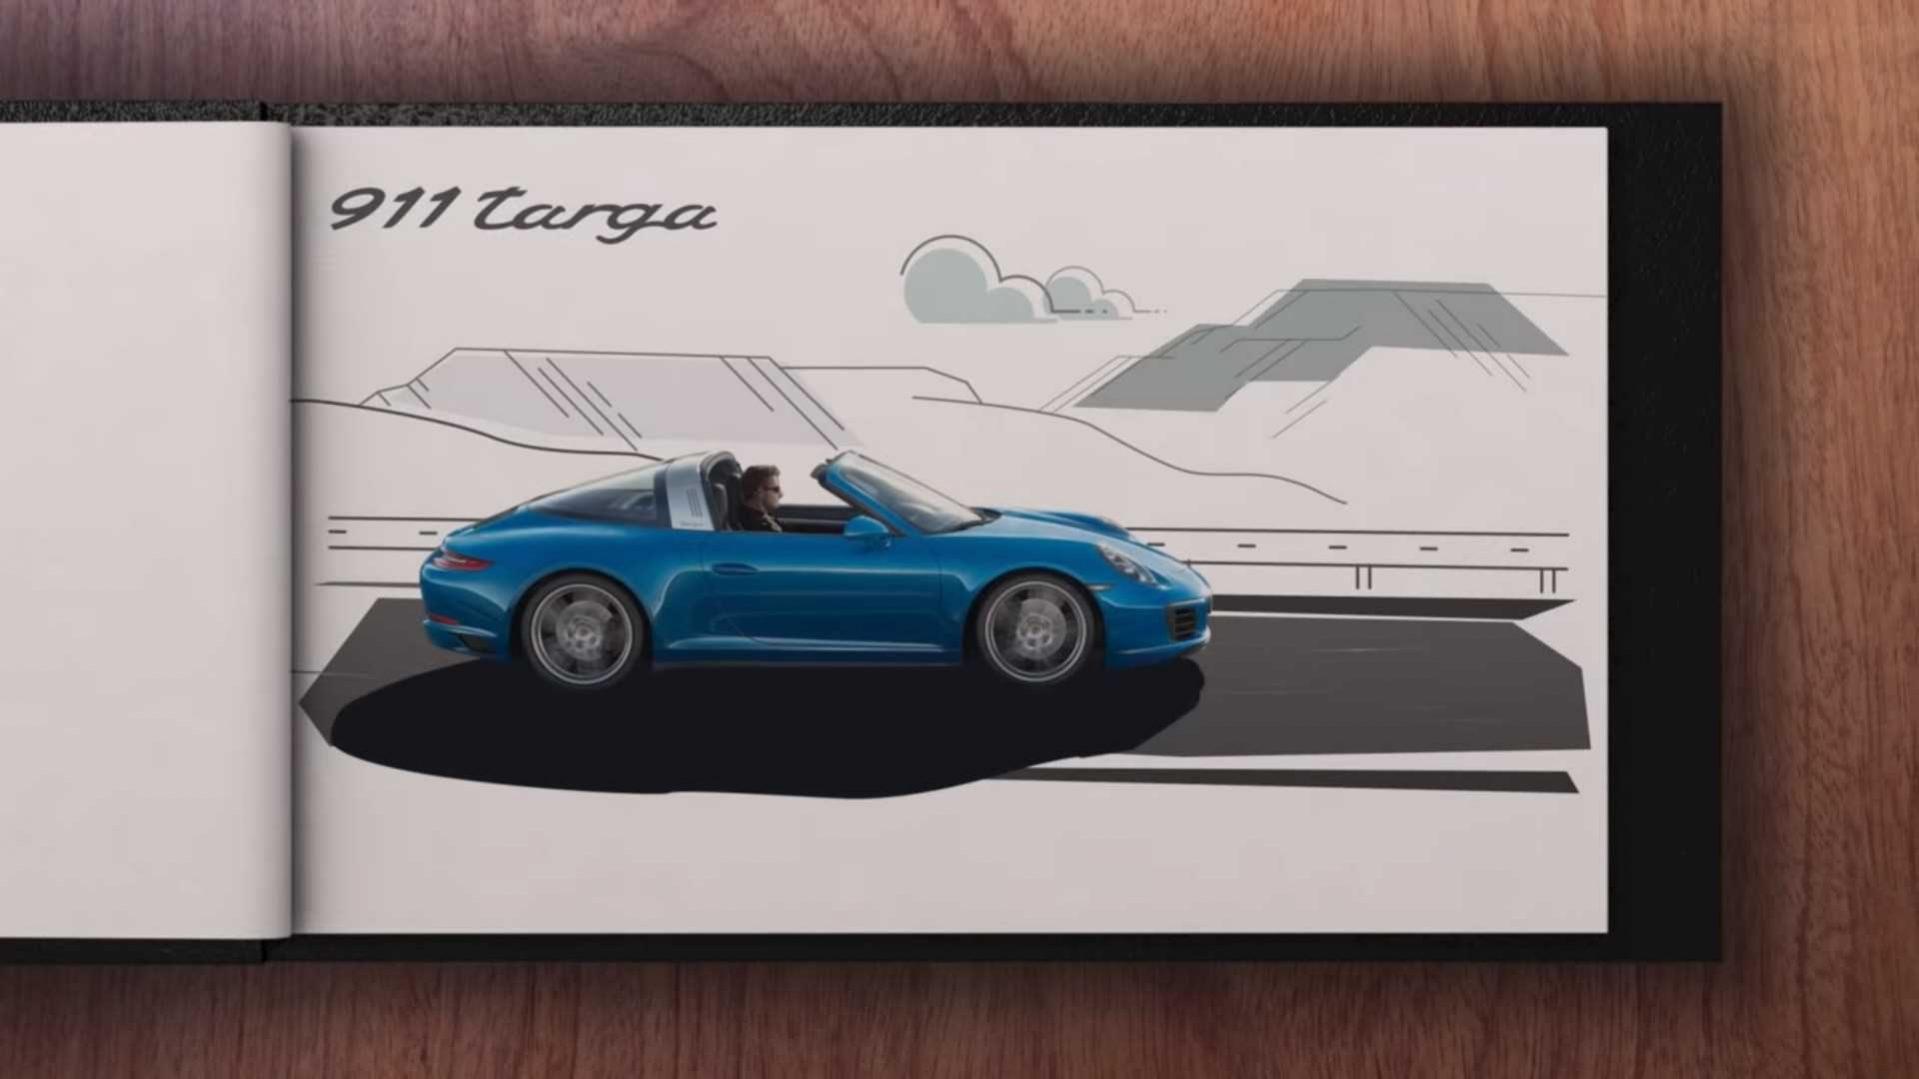 Porsche 911 Targa For Sale